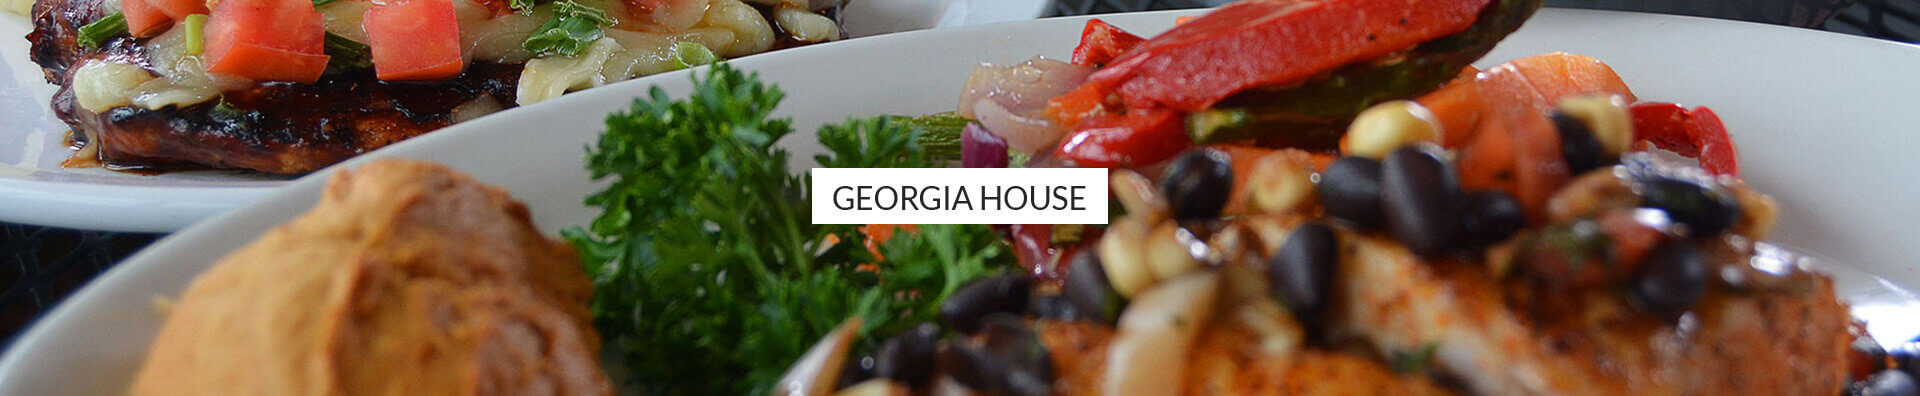 Georgia House